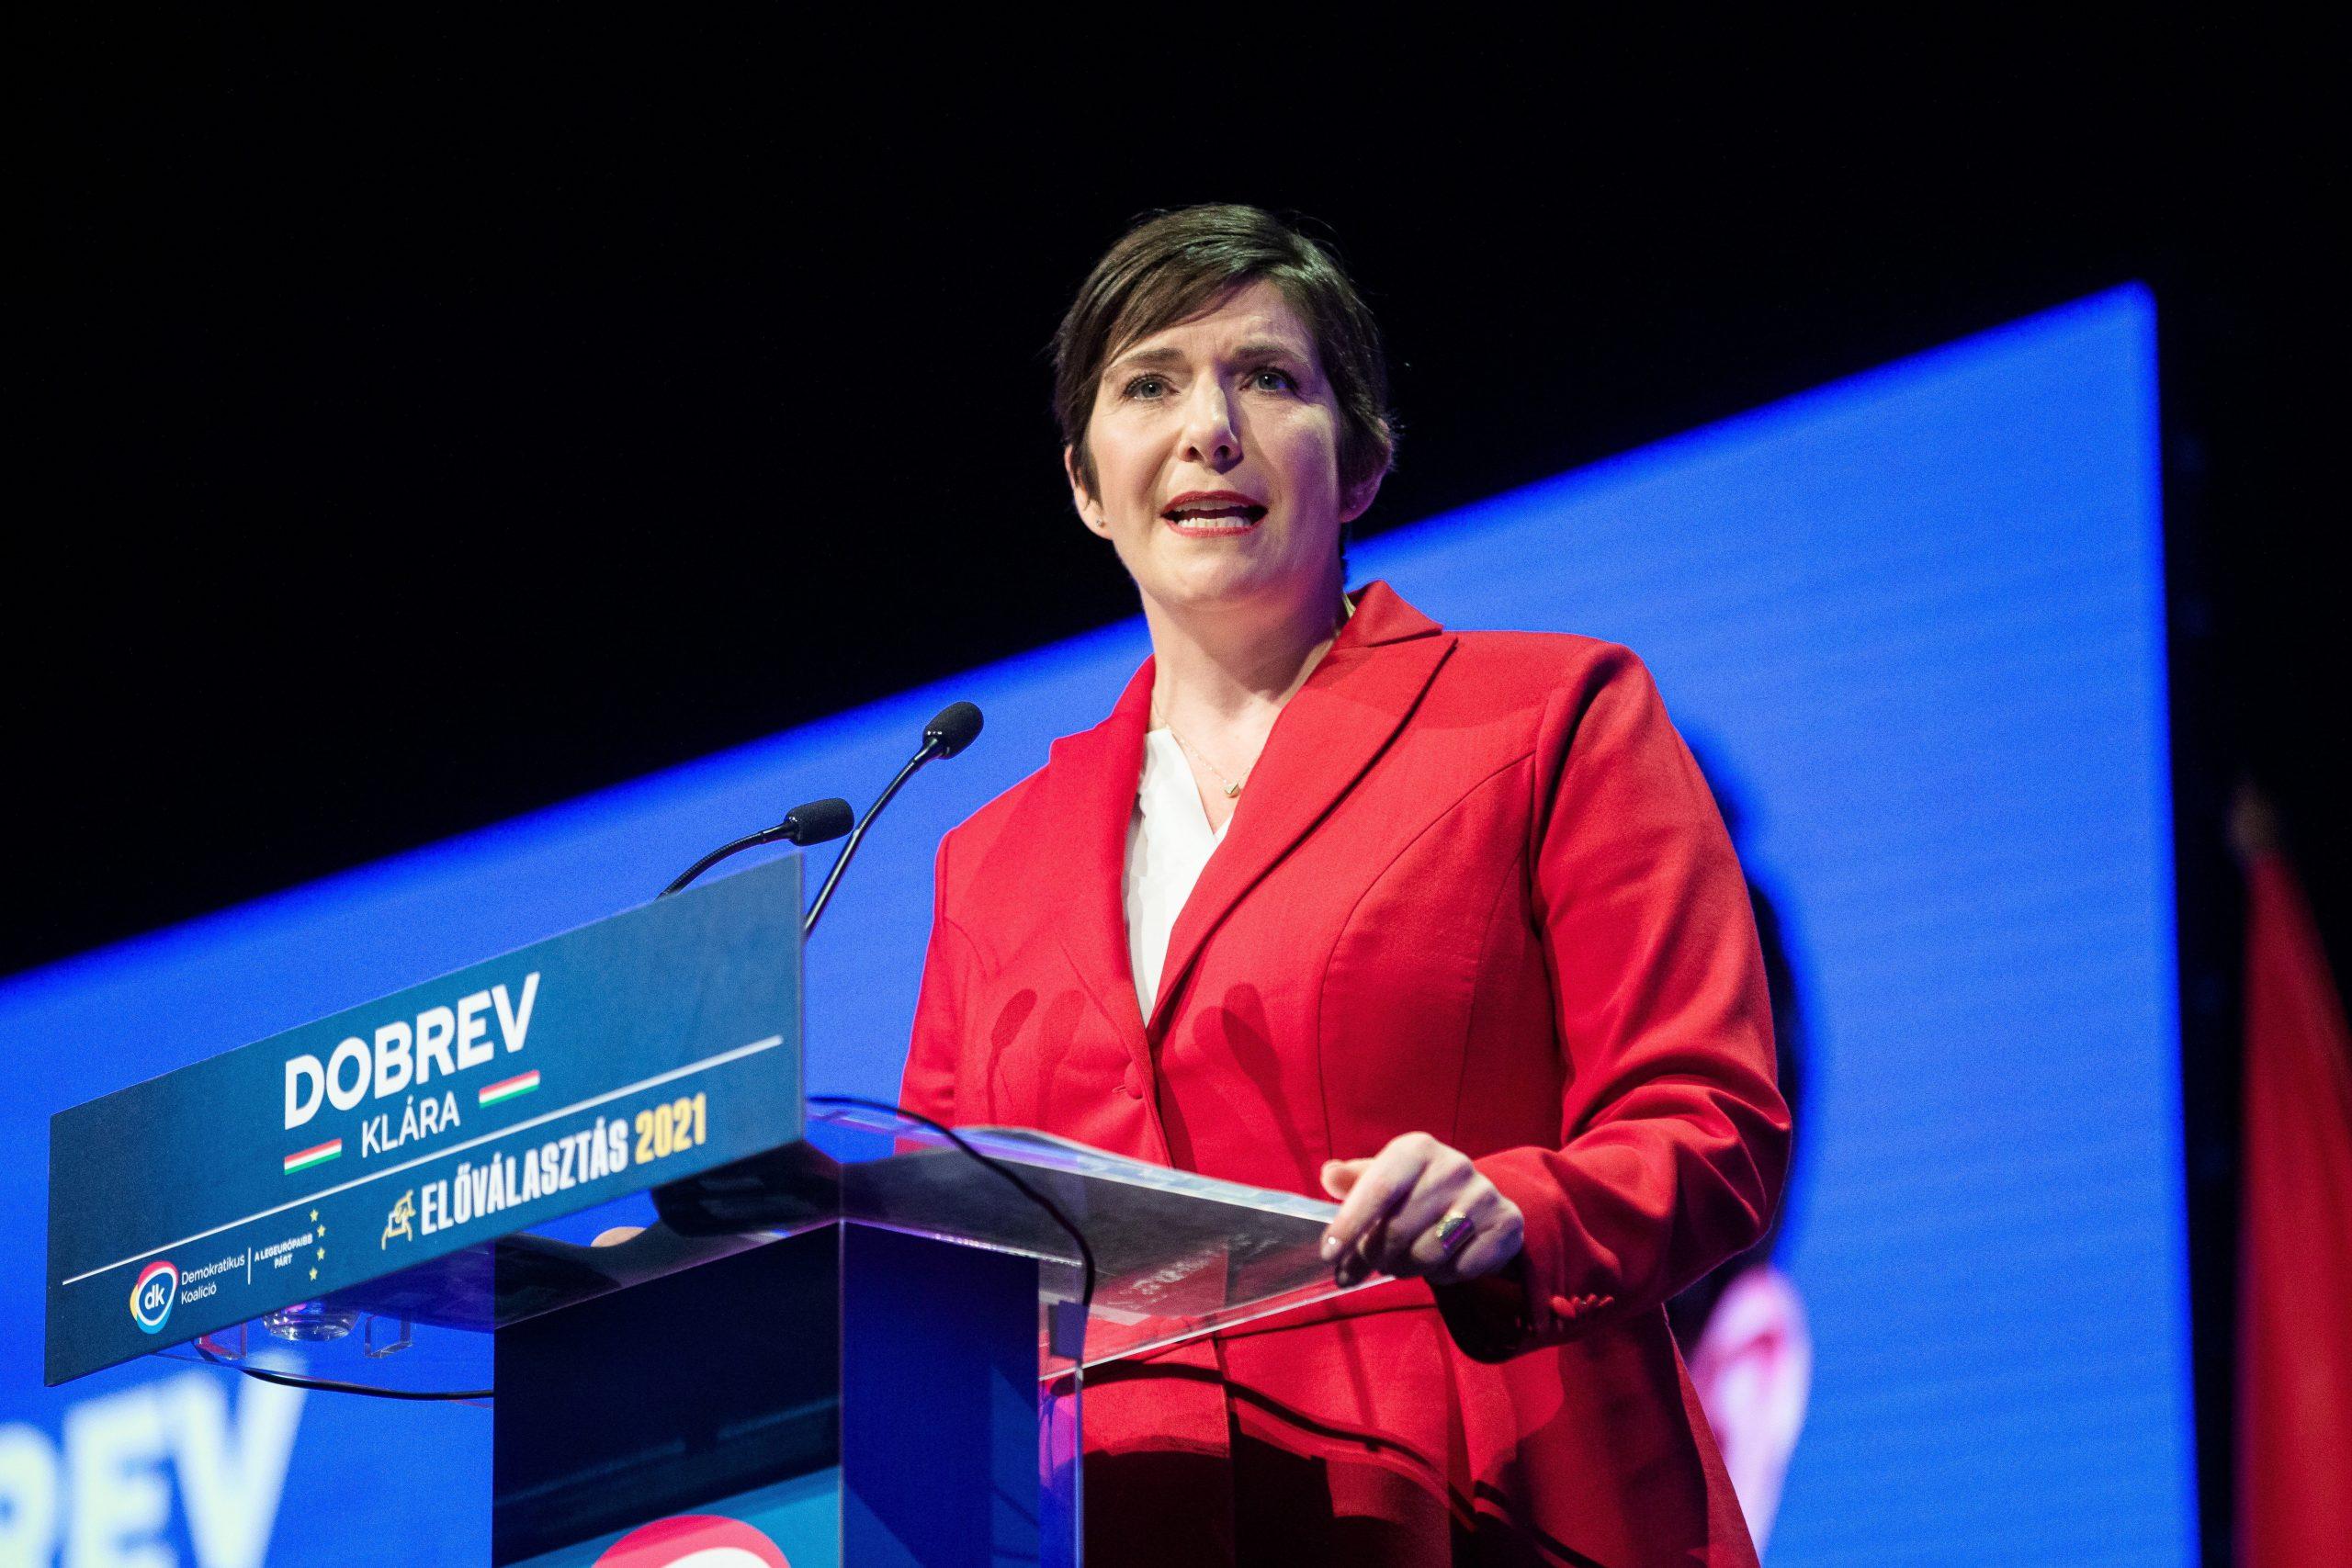 Vorwahlen: Dobrev am schnellsten, sie gab 61.000 Unterschriften ab